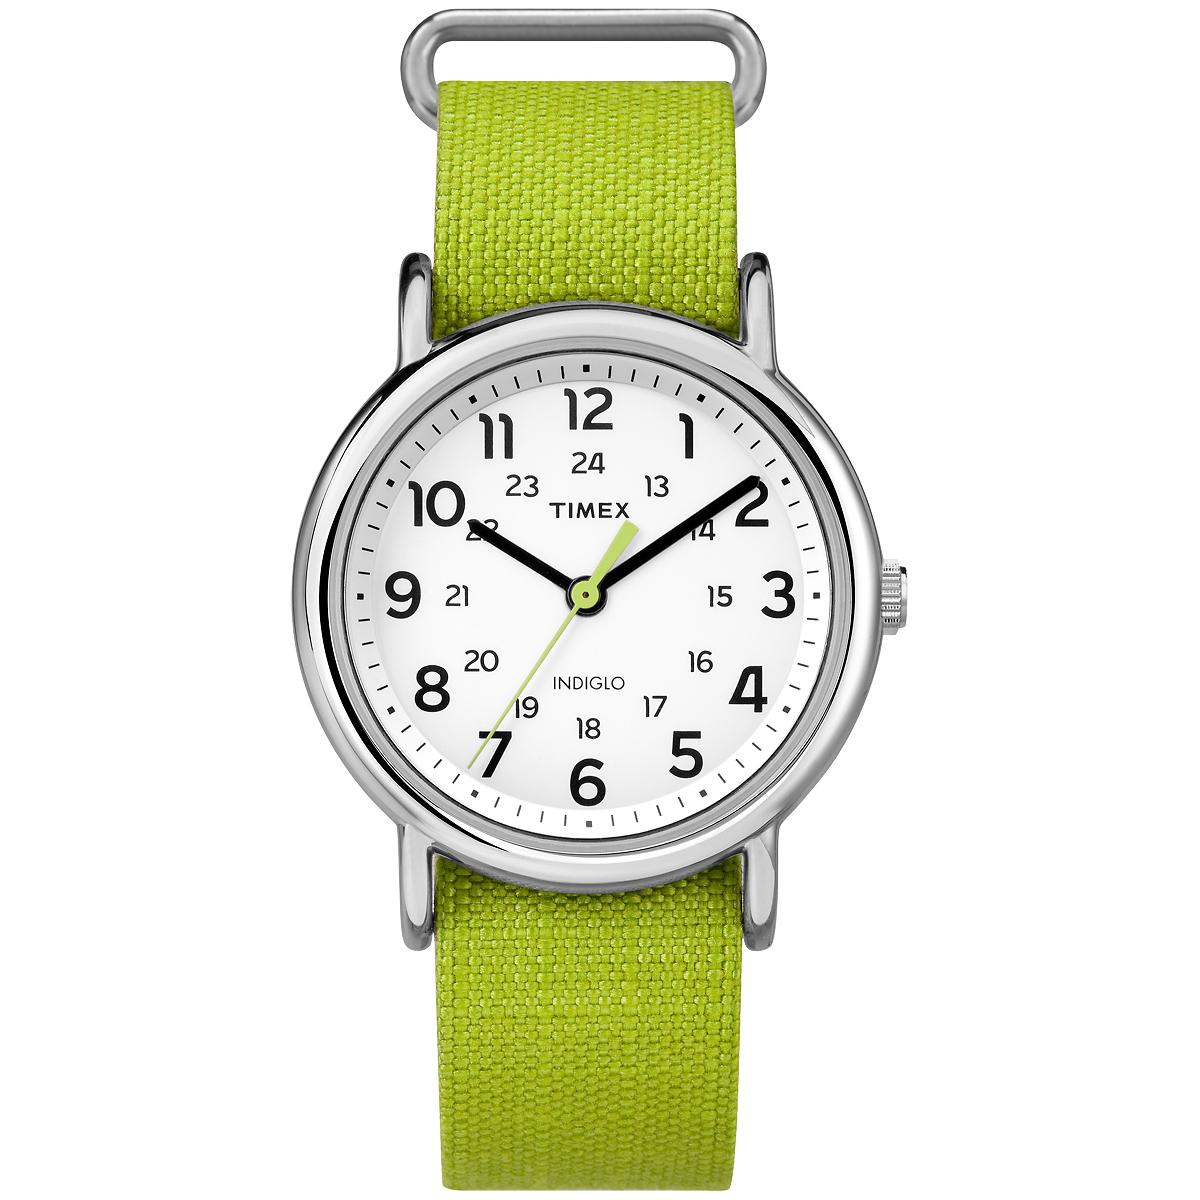 TIMEX WEEKENDER RIP-STOP - LIME (TW2P659009J)